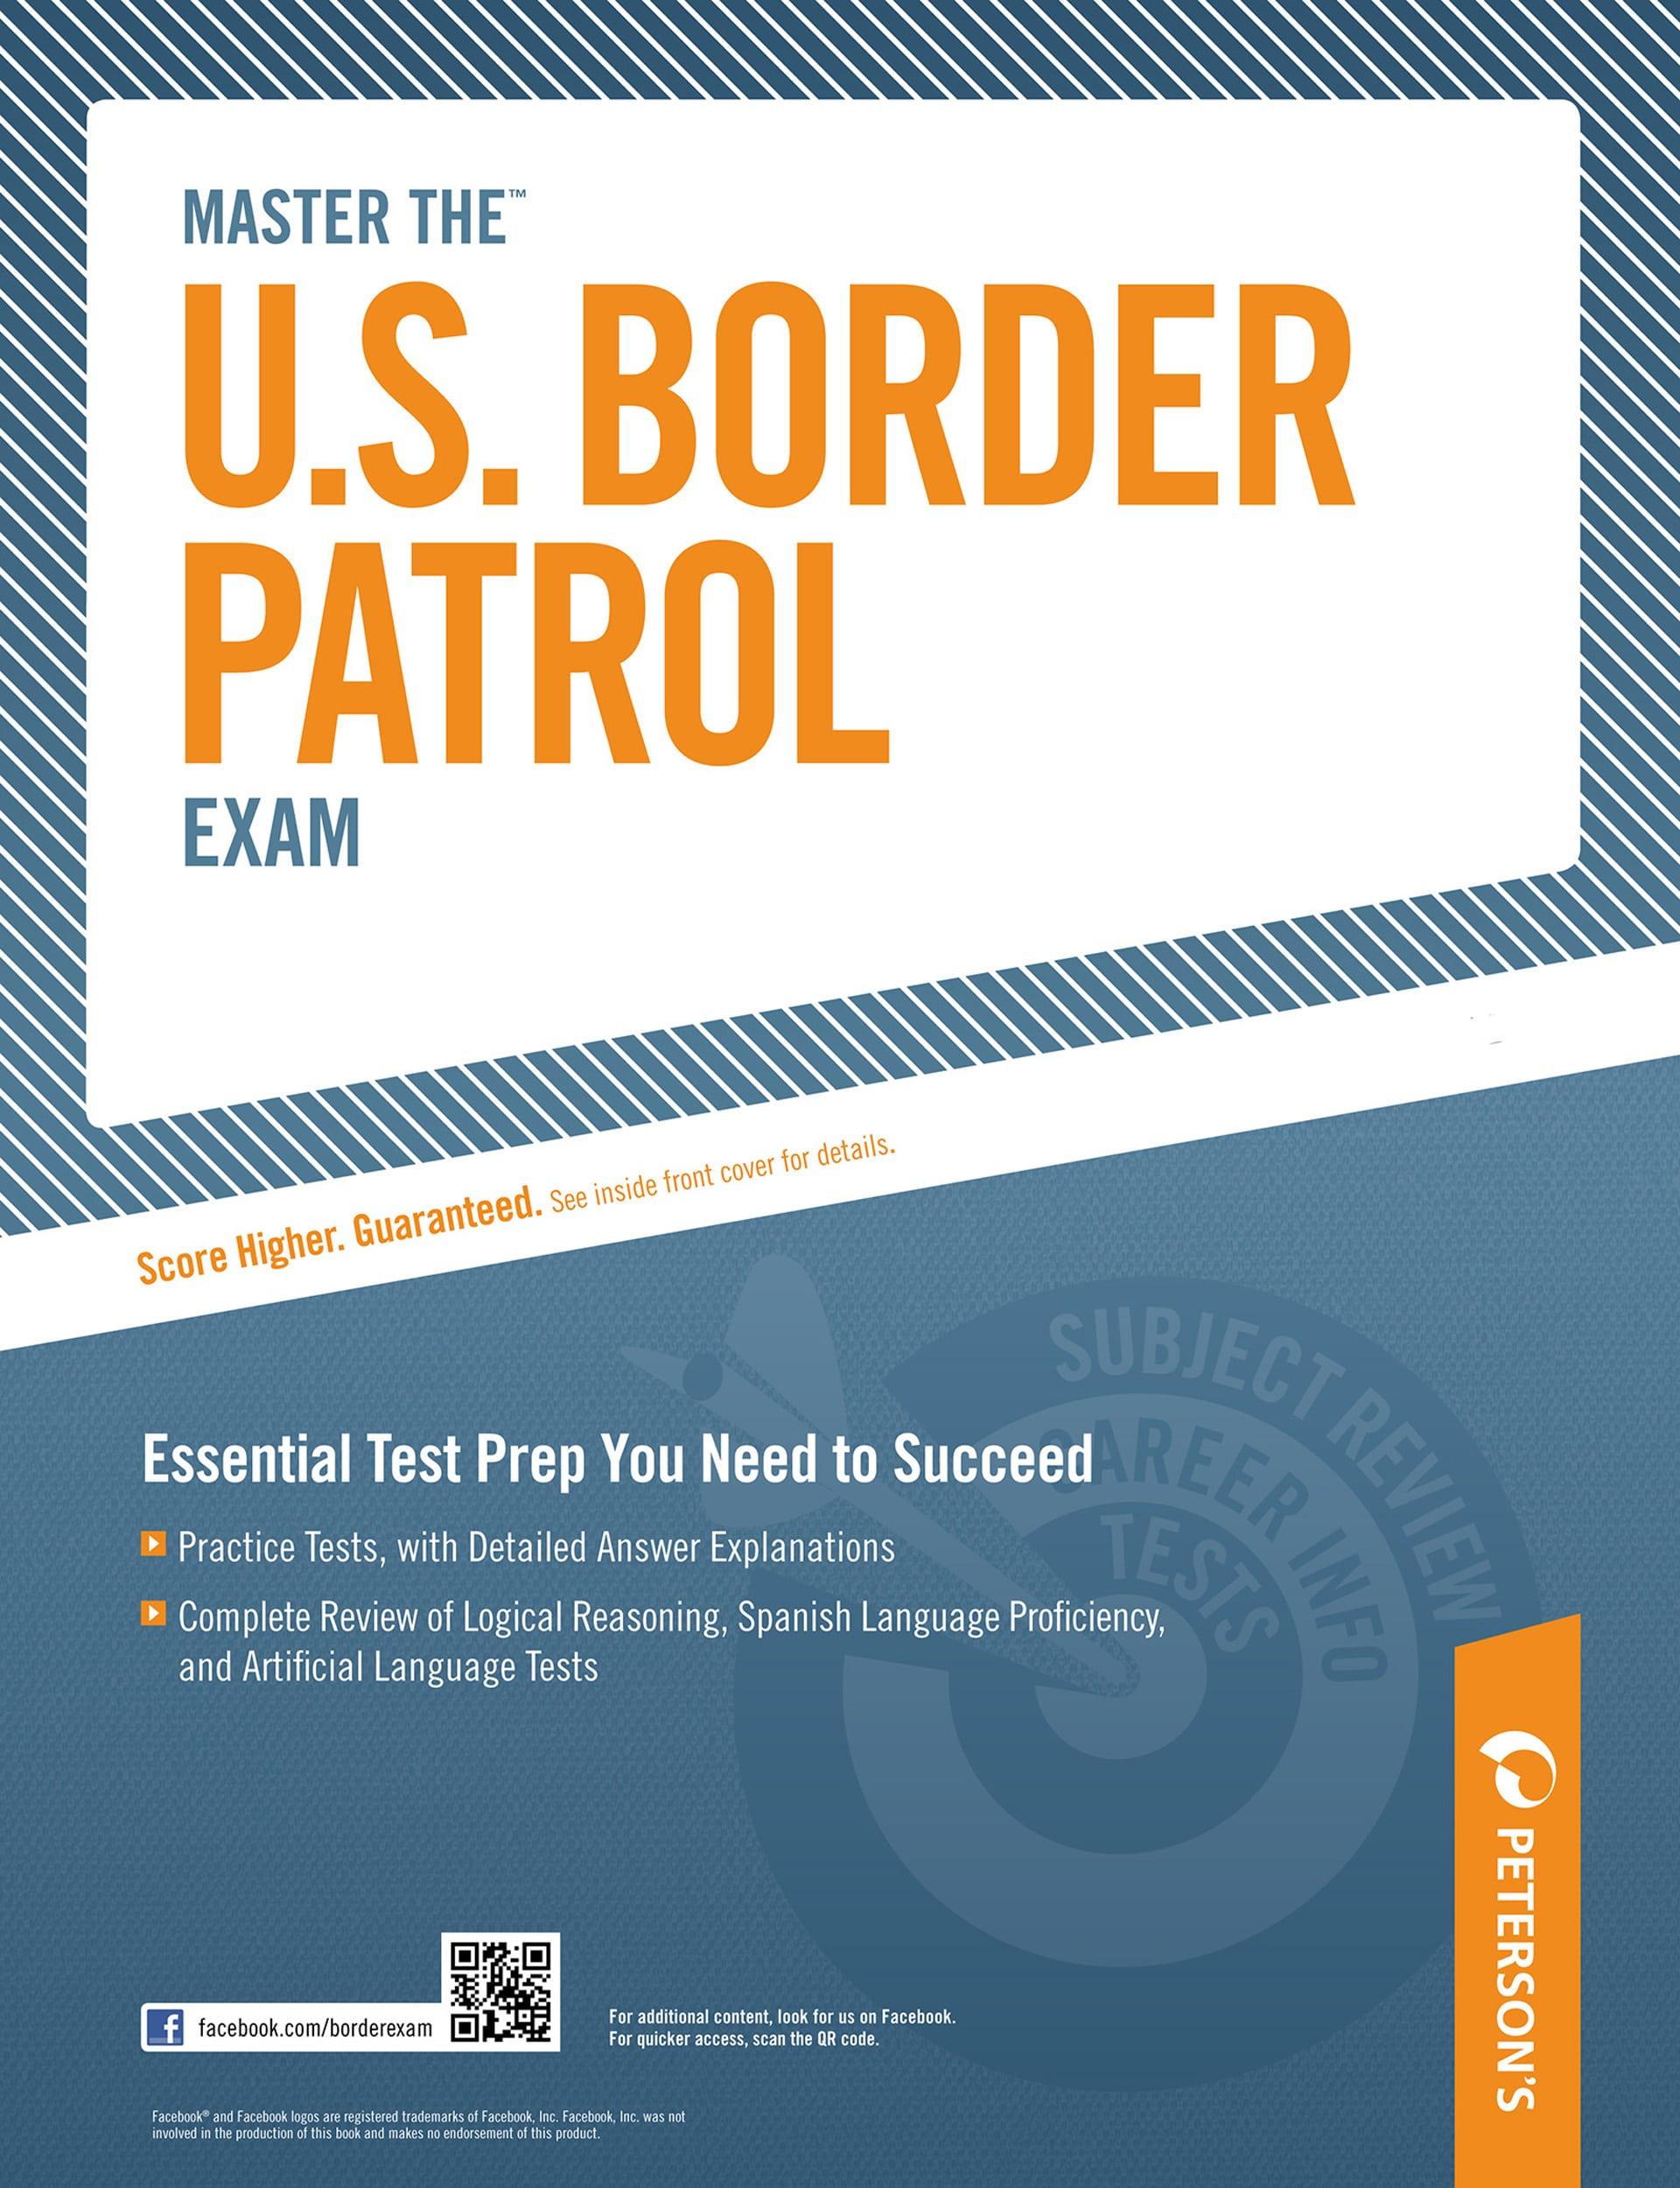 Master the™ U.S. Border Patrol Exam